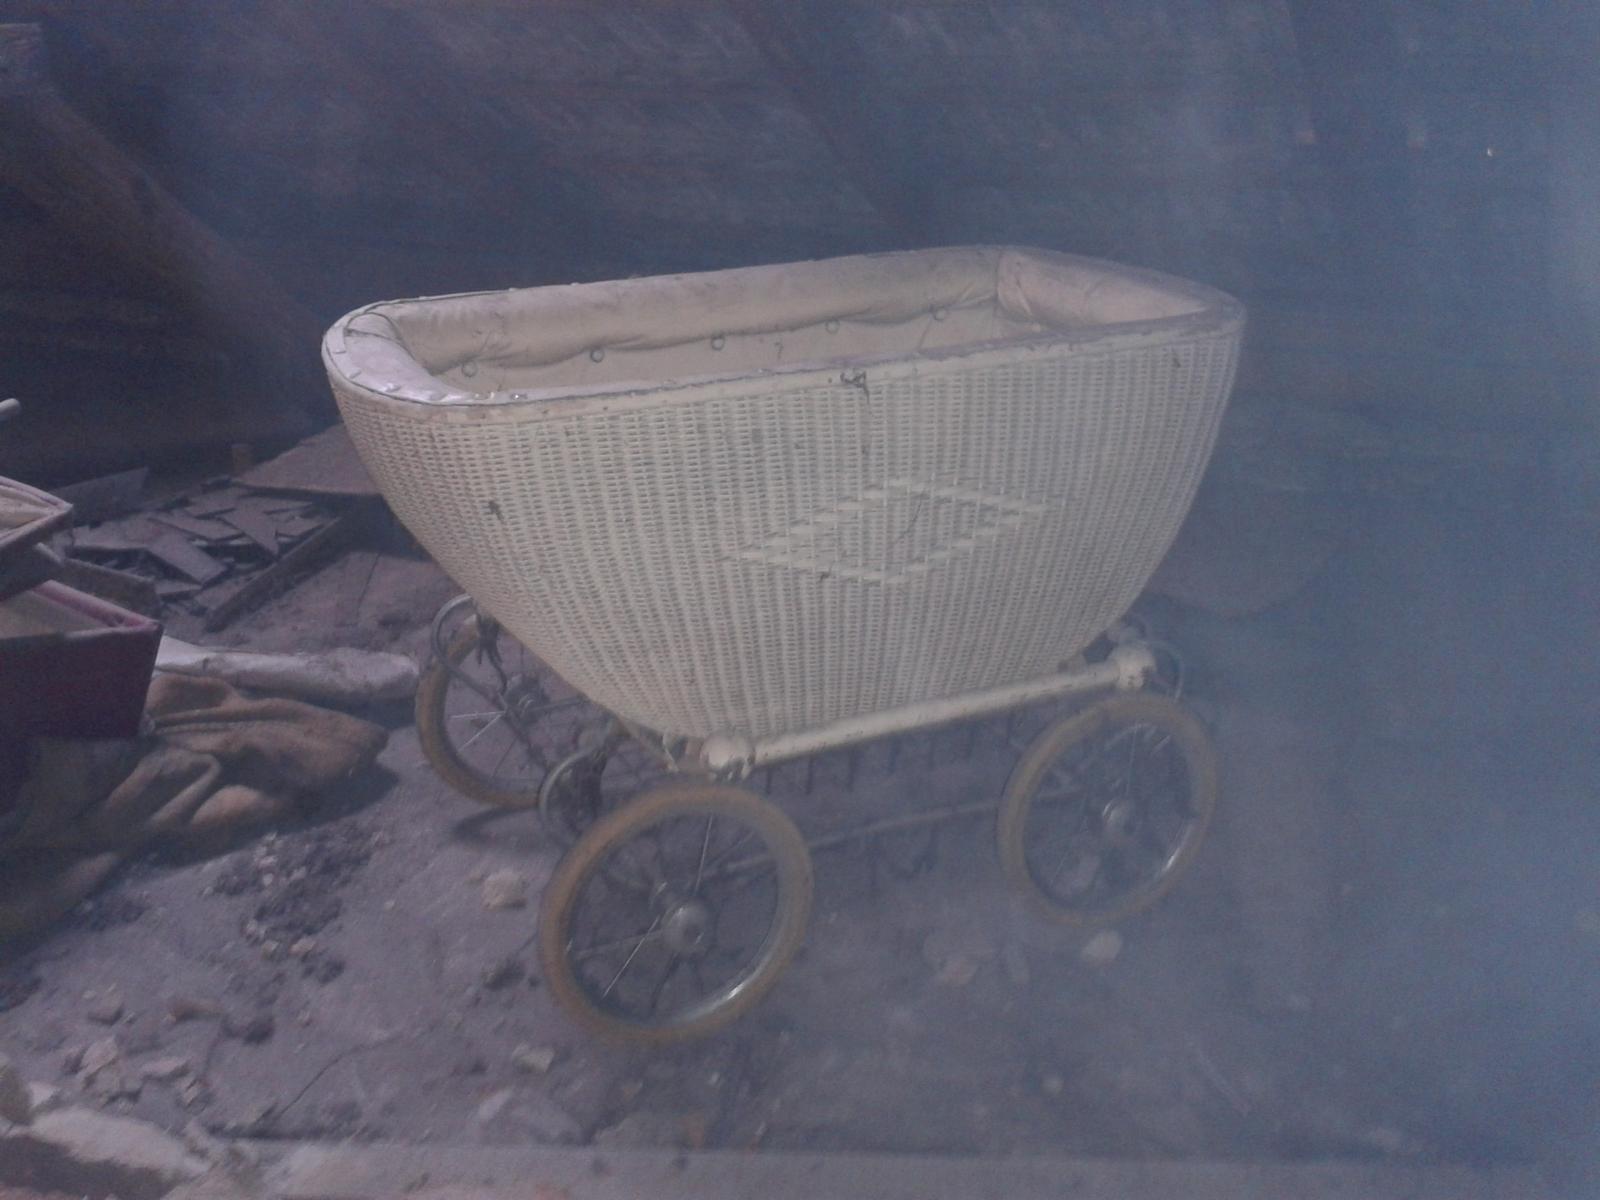 Budujeme domov :) - takýto kočík sme našli na povale, je prerobený na kolísku, tak sme ho zatial posadili na podvozok z iného kočíku čo sme tam našli, ale bude super kolíska ked bude čo do nej dať :-D